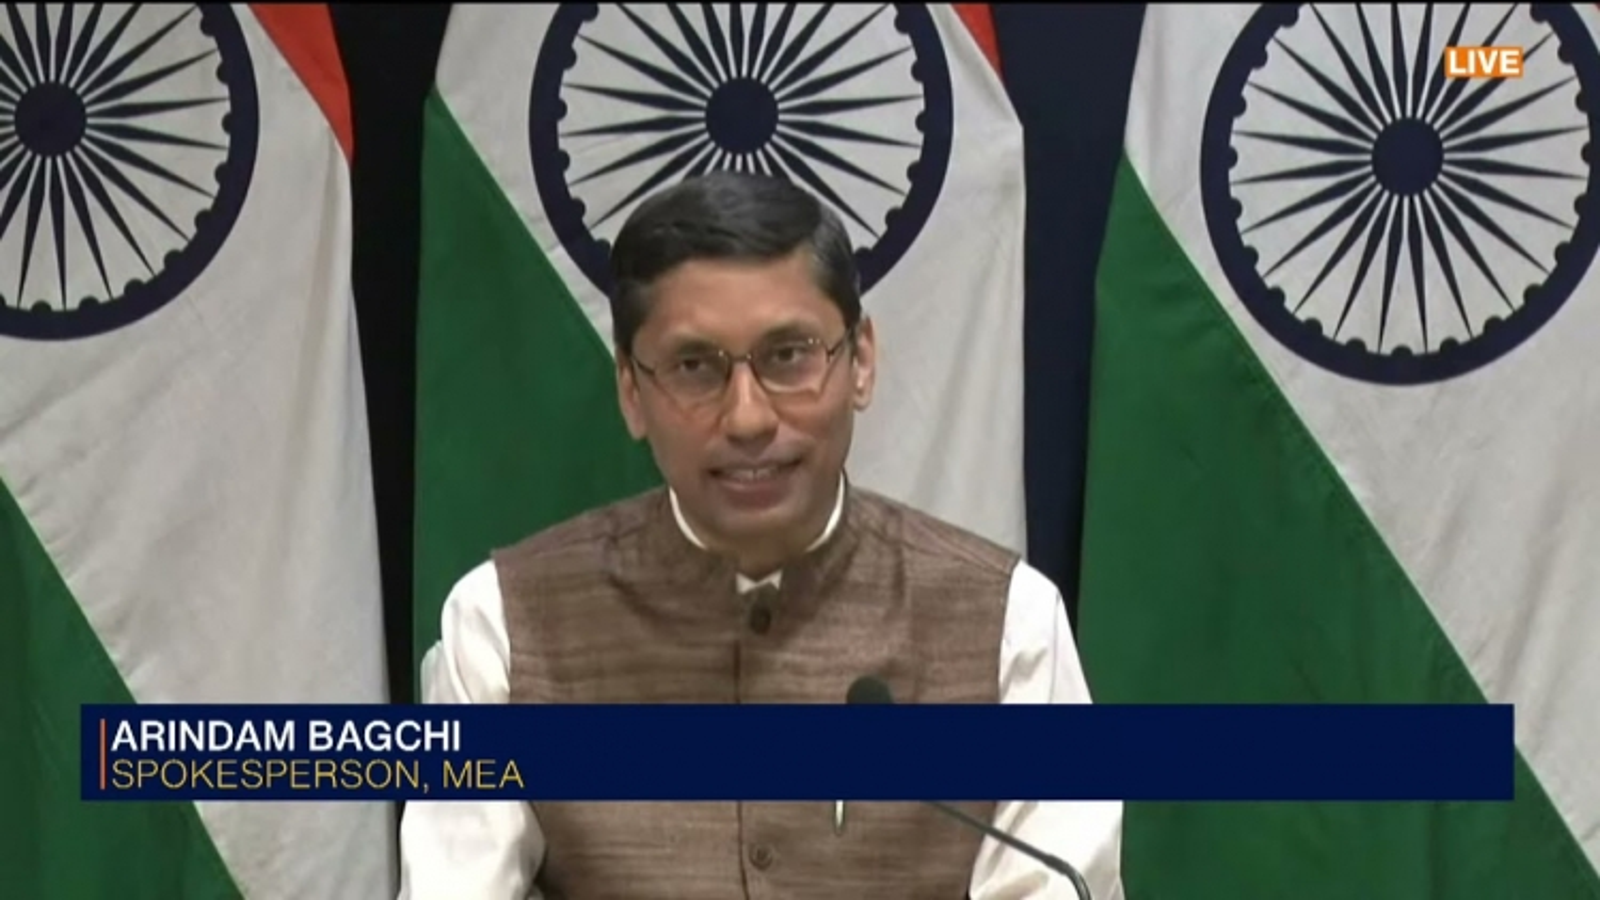 Ấn Độ đề nghị Trung Quốc cho phép công dân Ấn Độ được nhập cảnh